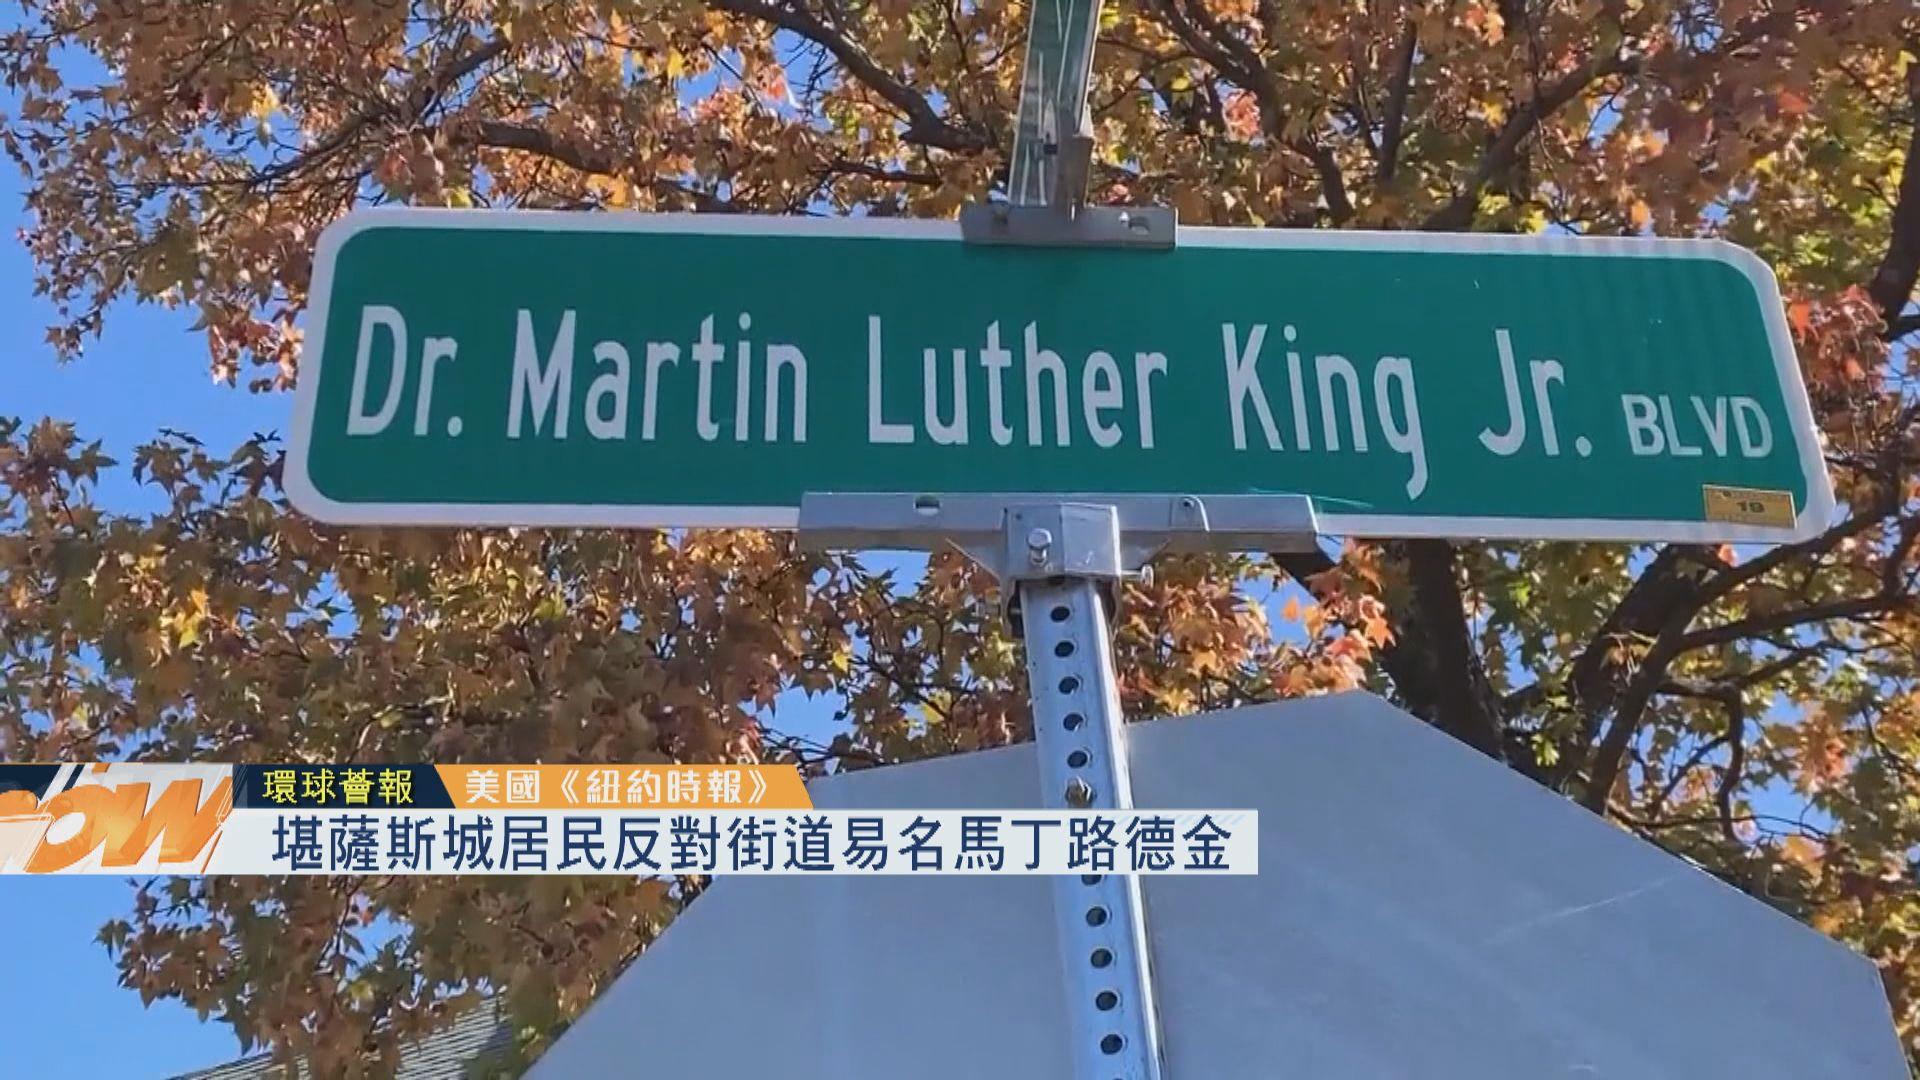 【環球薈報】堪薩斯城居民反對街道易名馬丁路德金